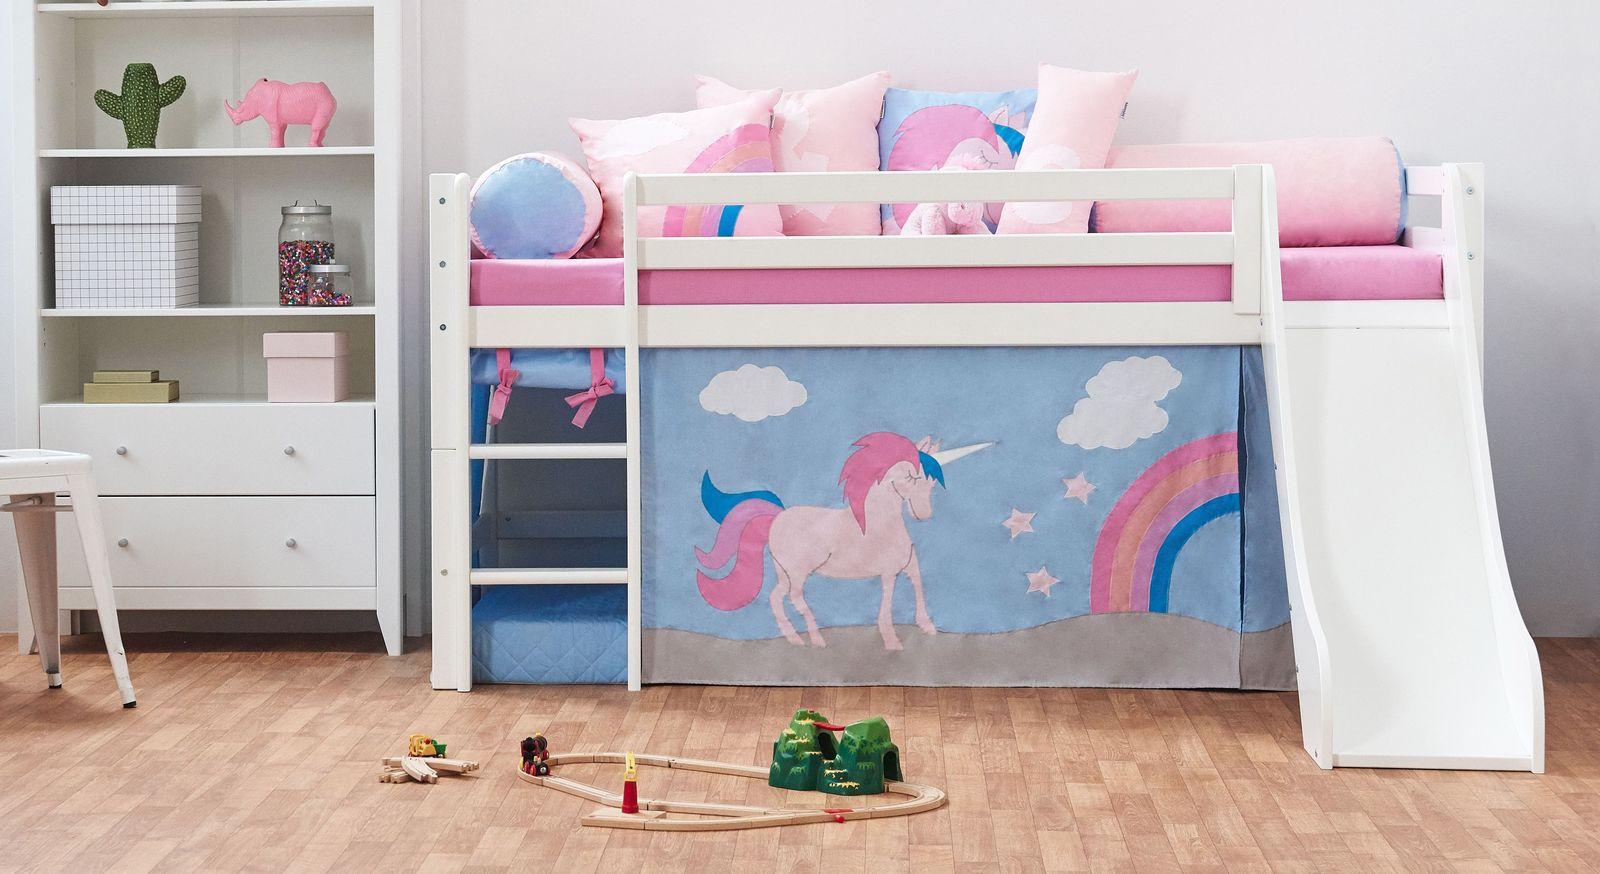 Full Size of Kinderbett Mädchen Halbhohes In Kiefer Wei Z B Mit Rutsche Einhorn Betten Bett Wohnzimmer Kinderbett Mädchen